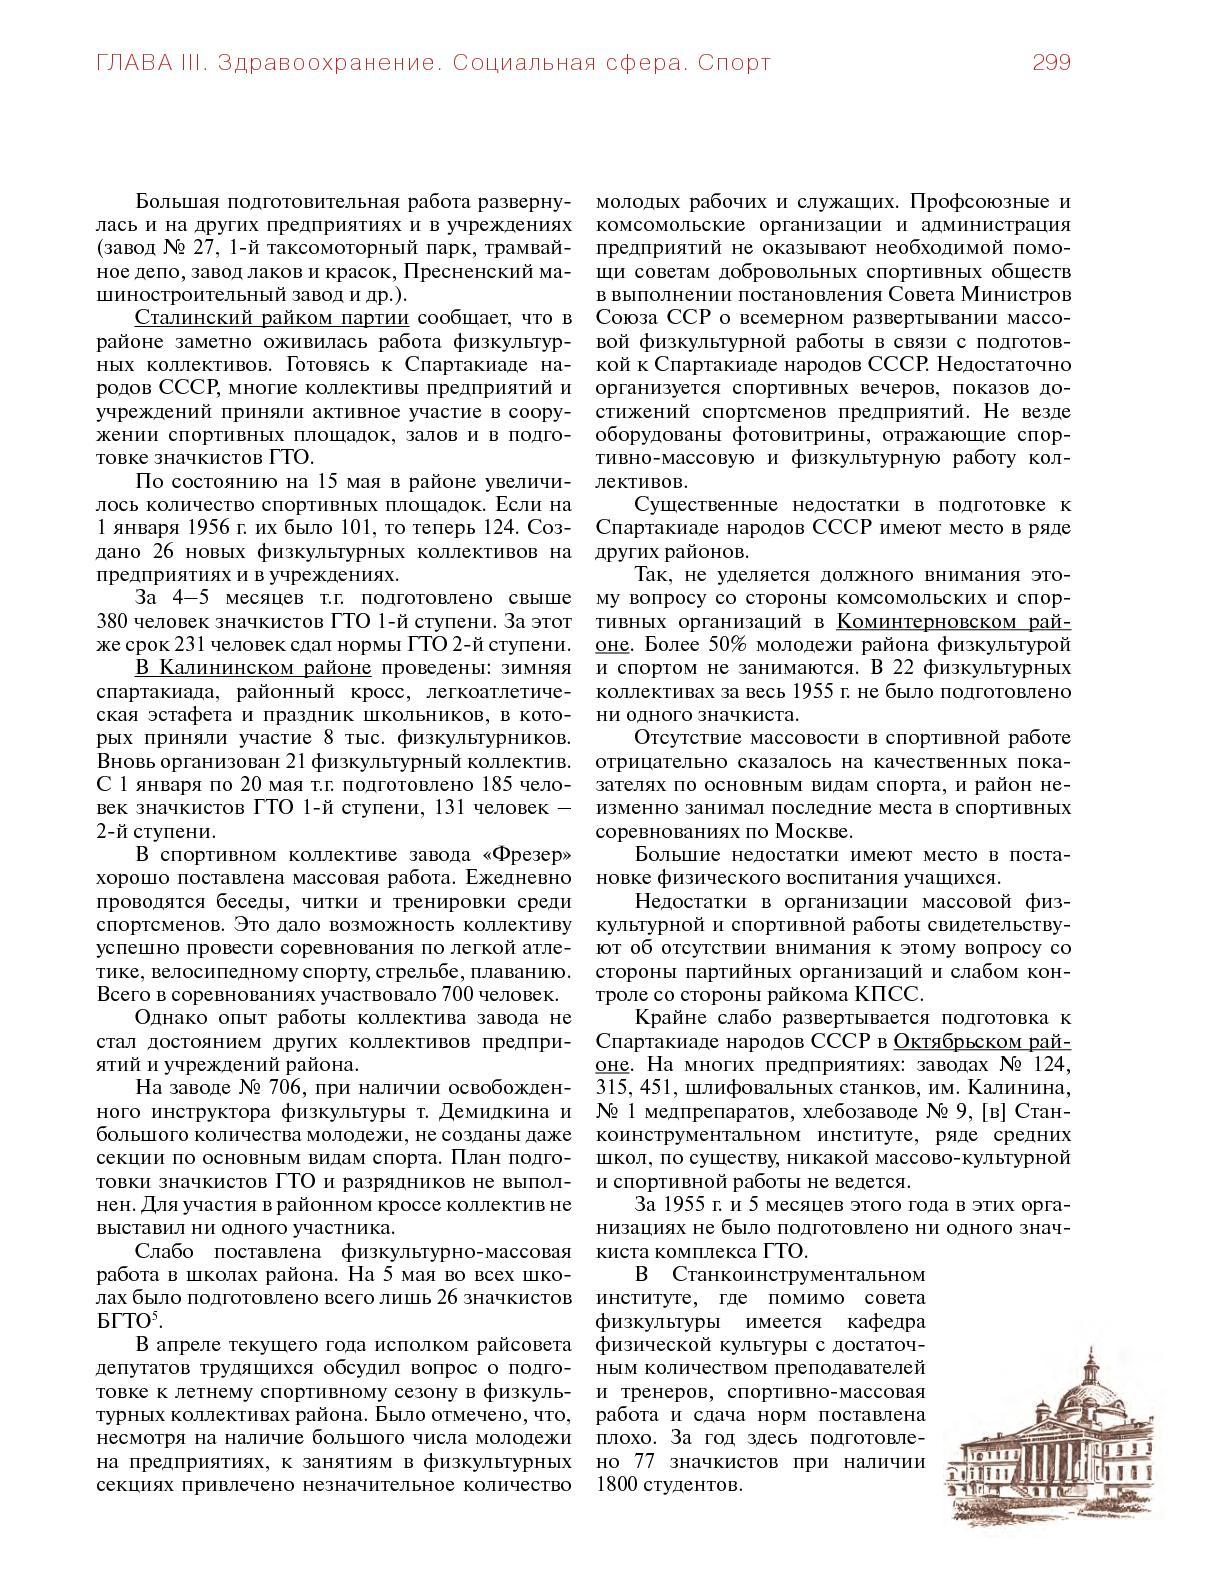 Справка о беременности в Москве Пресненский